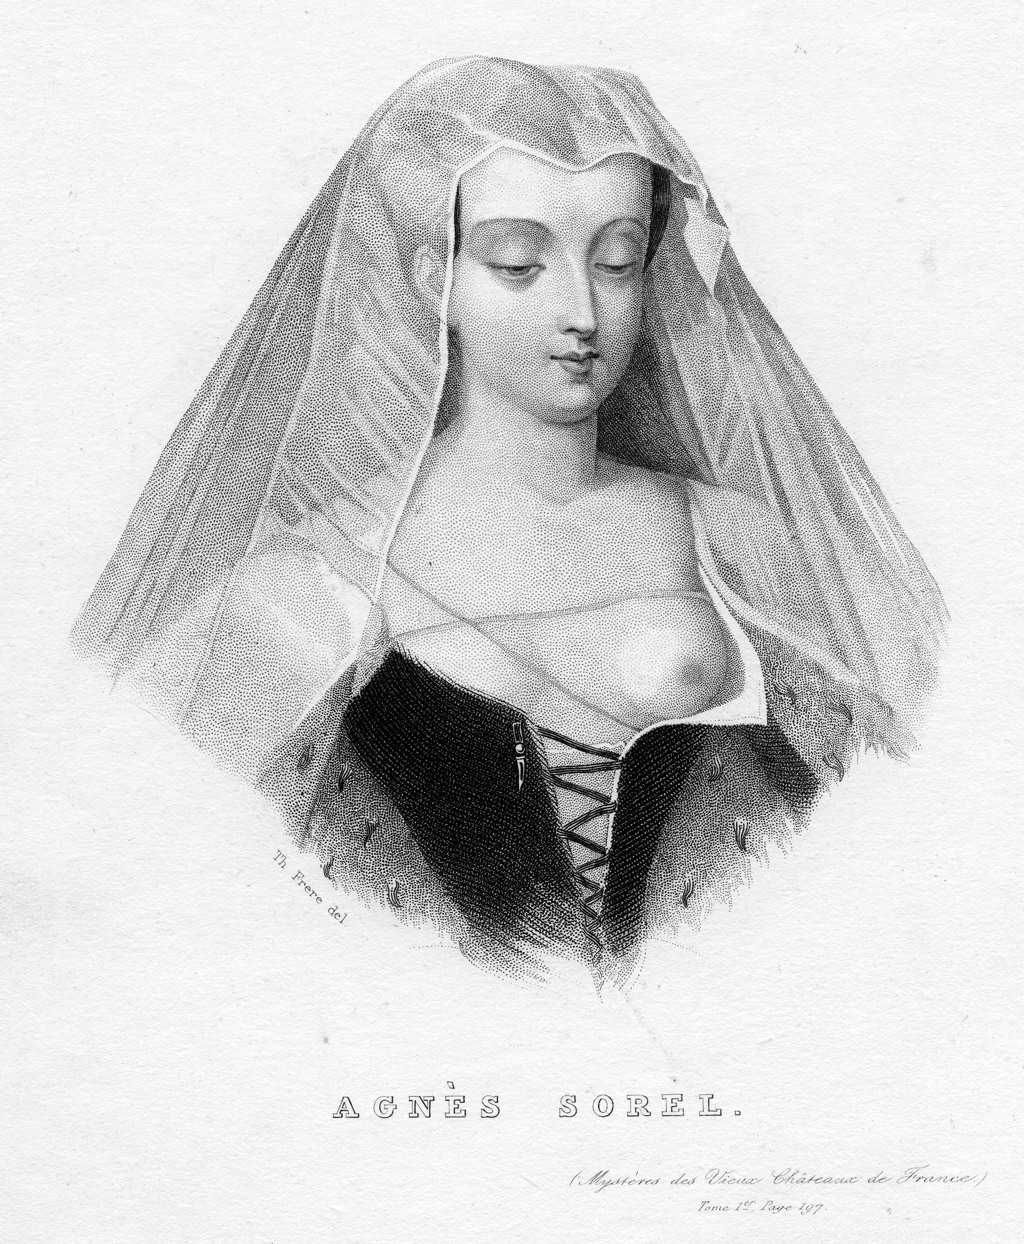 كان الملك الفرنسي (تشارلز السابع) متيماً بحب عشيقته (آغنيس سوريل) [1422–1450]، التي أنجبت معه أربع بنات.